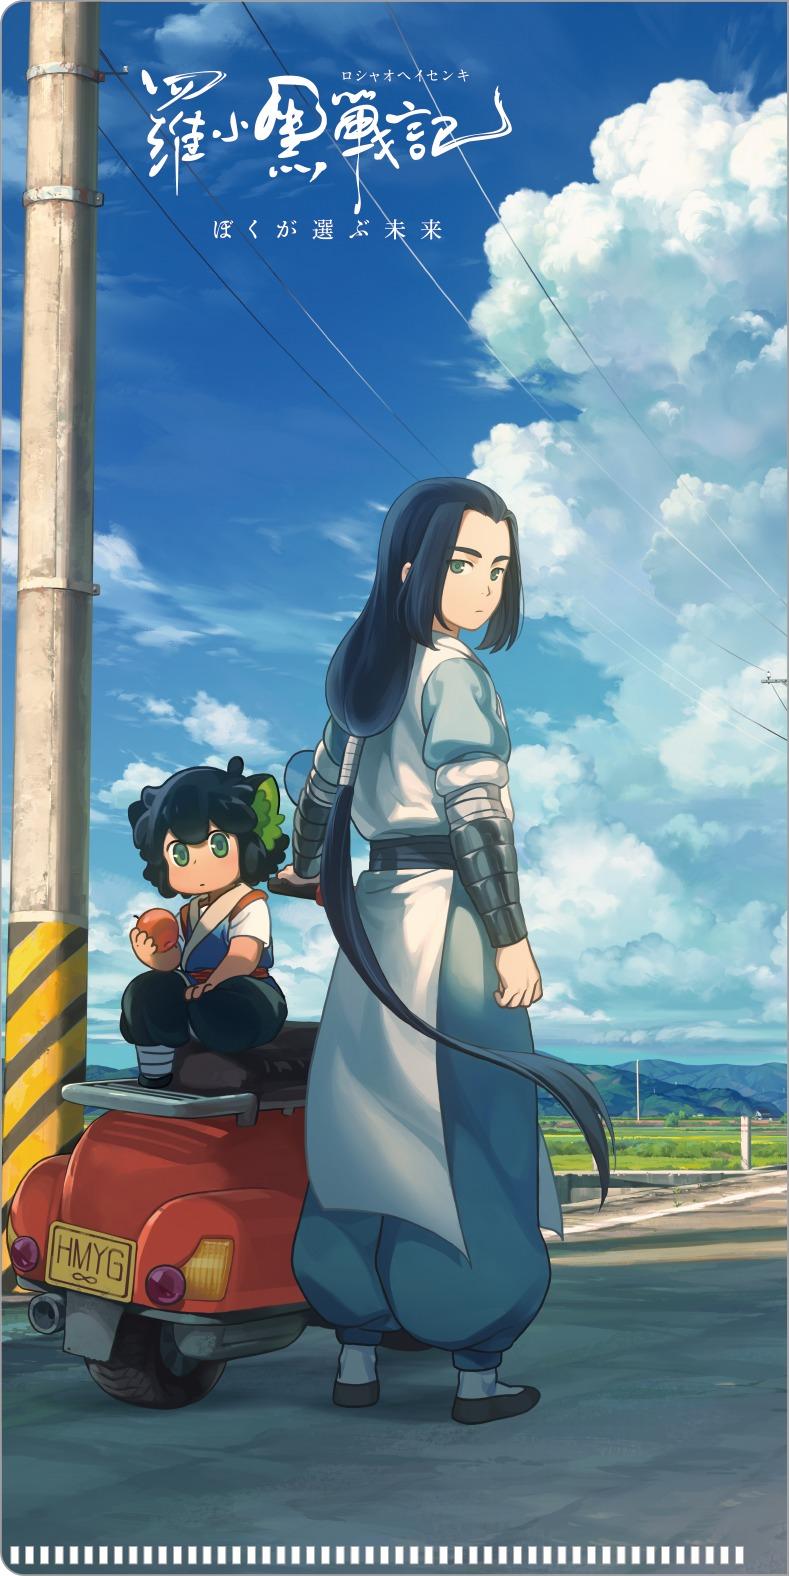 オモテ (C) Beijing HMCH Anime Co.,Ltd